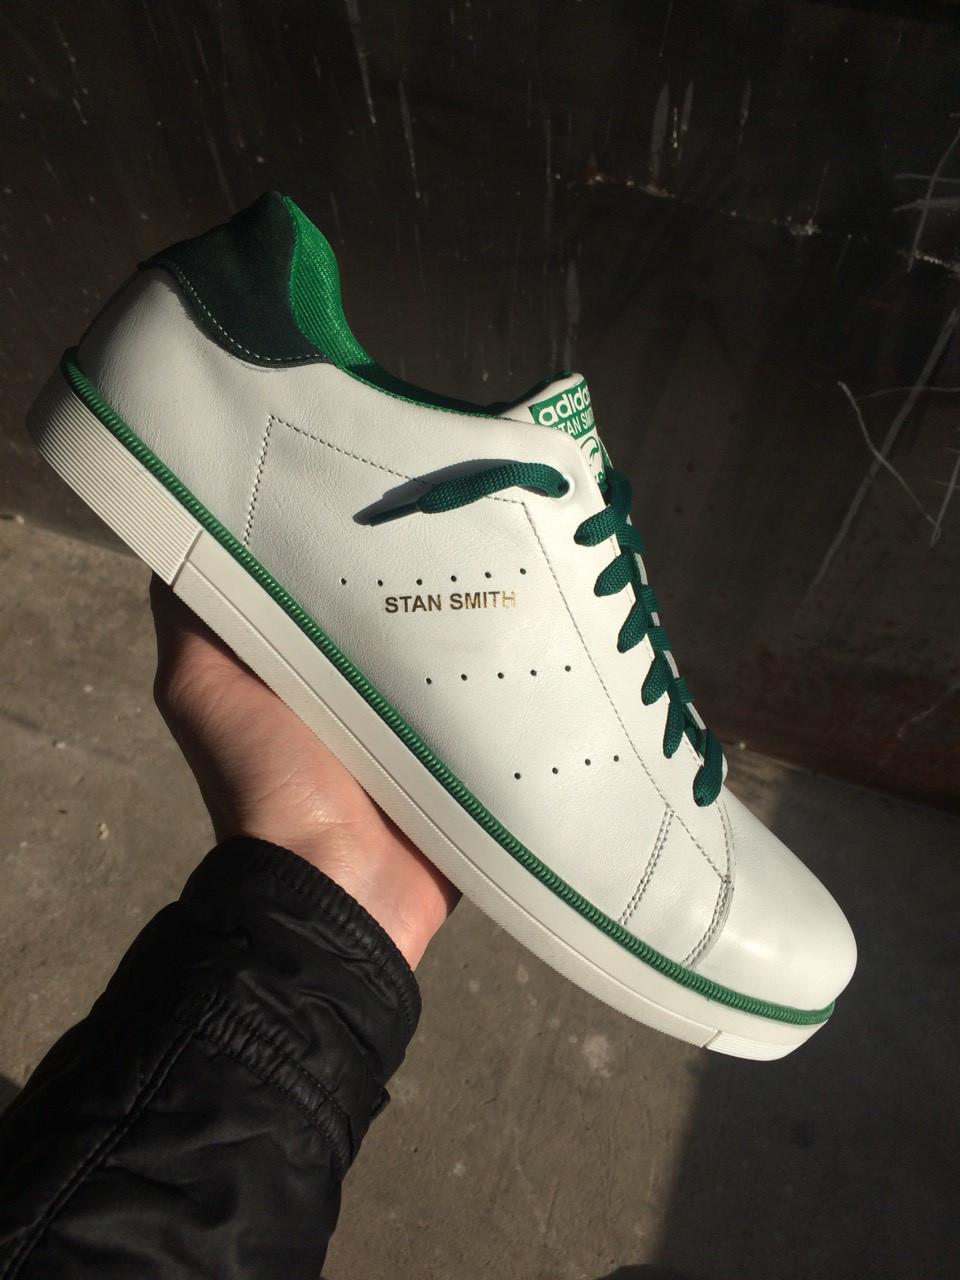 Мужские кеды Adidas Stan Smith.Кожа,былые с зеленым